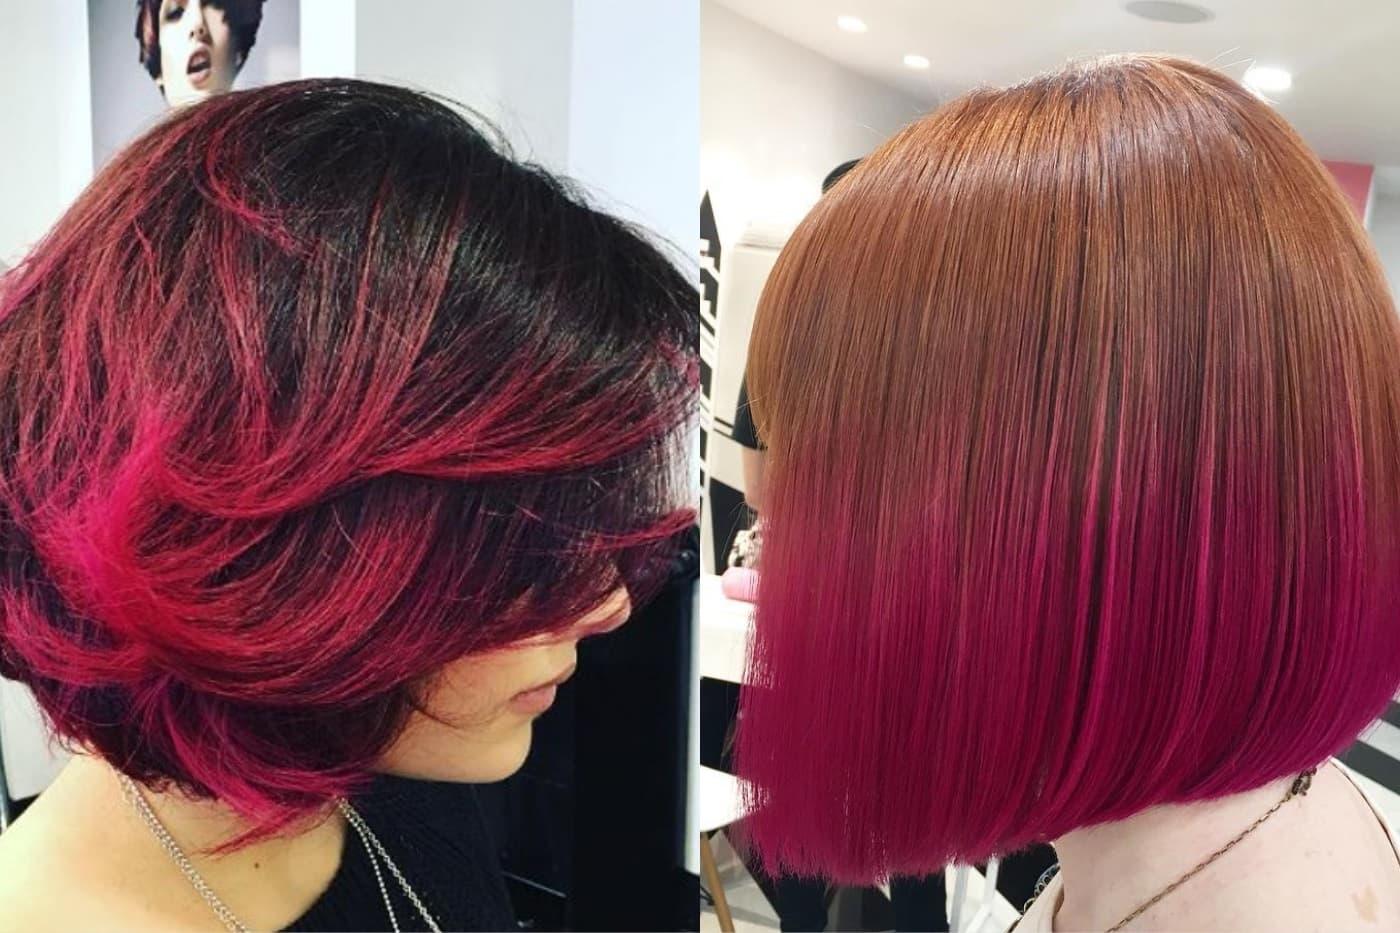 двоколірне фарбування на кортке волосся